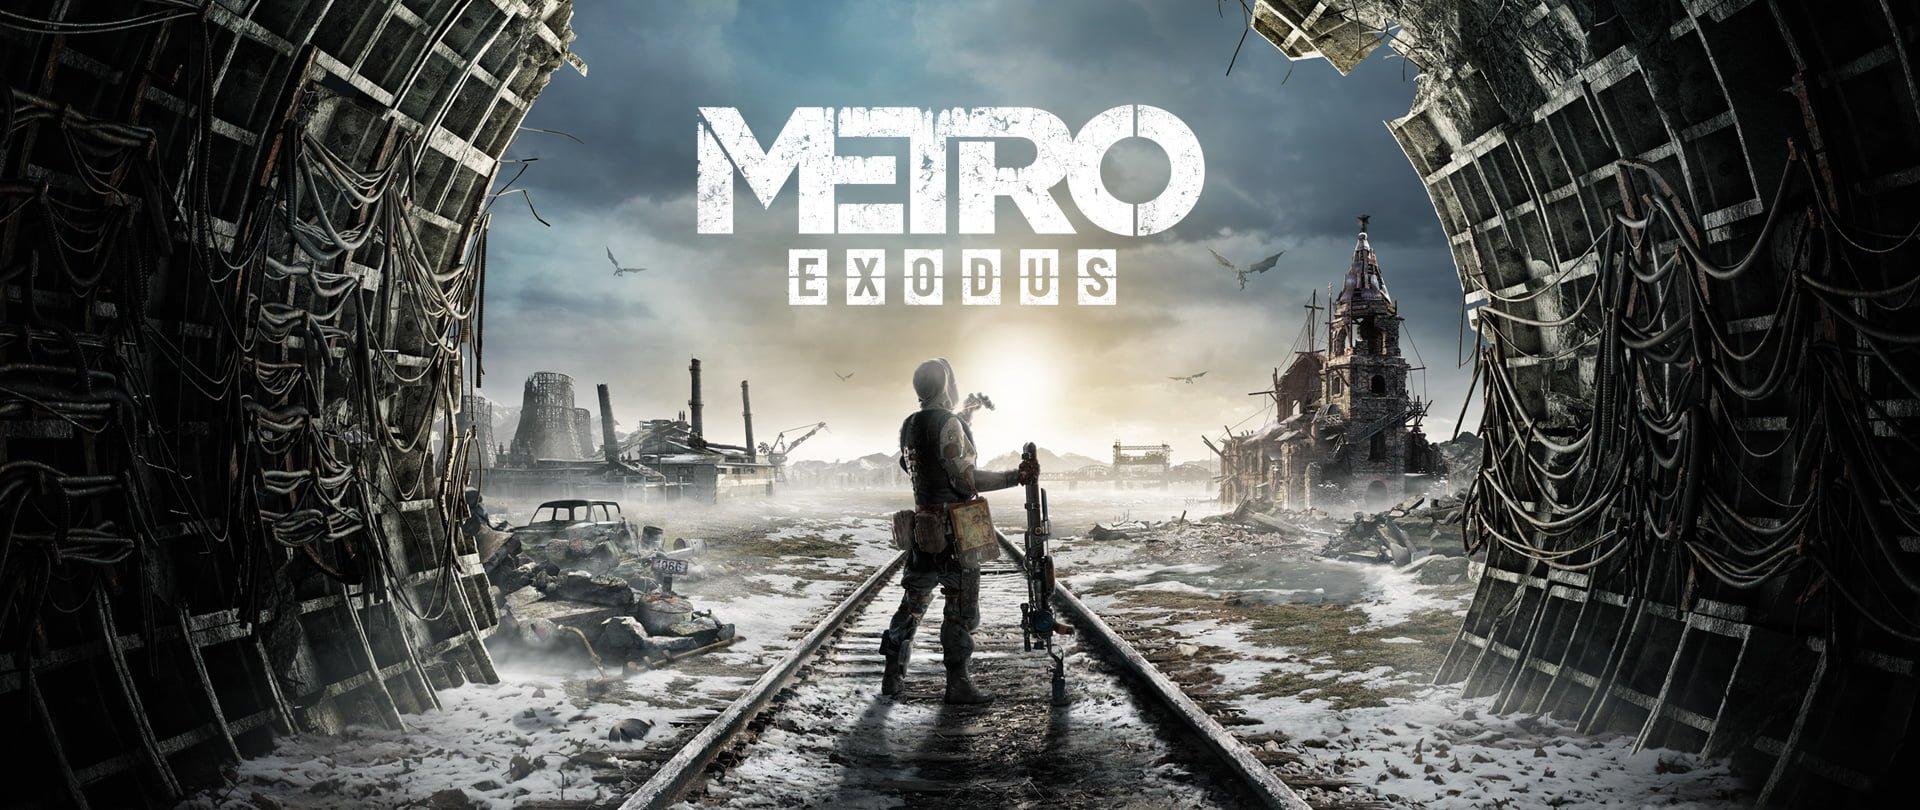 L'angolo del collezionista: Metro Exodus